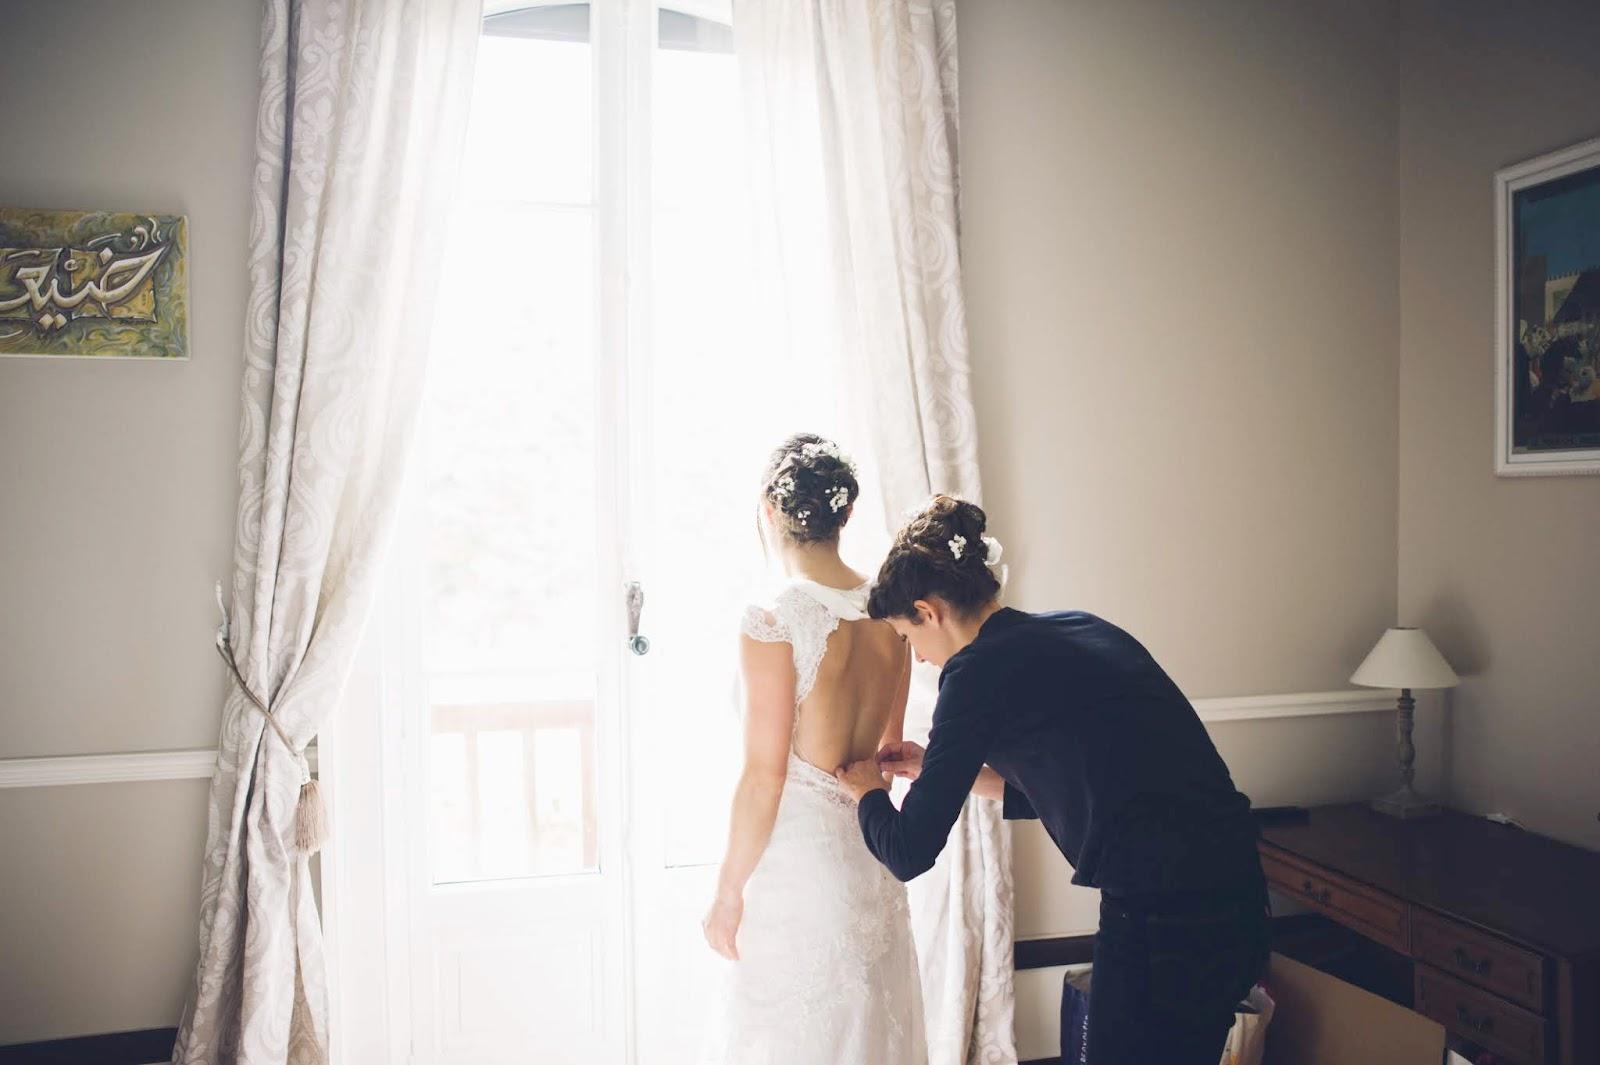 Photographe mariage Lyon Roanne Domaine de la garenne isere X-PRO2